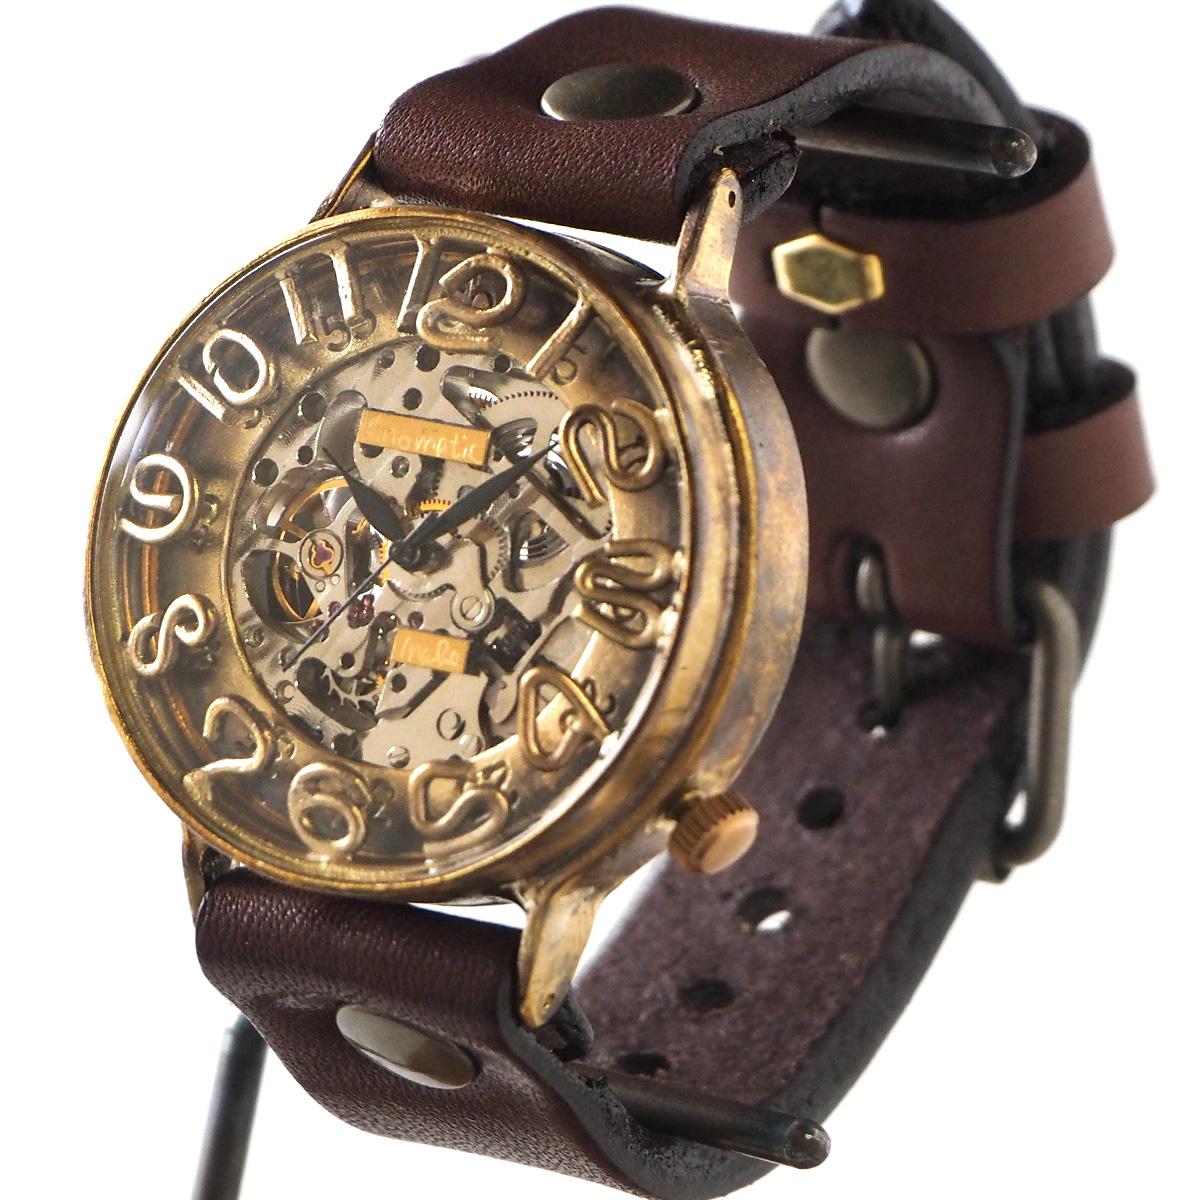 渡辺工房 手作り腕時計 自動巻 裏スケルトン ジャンボブラス 42mm ノーマルベルト [NW-BAM040-N]